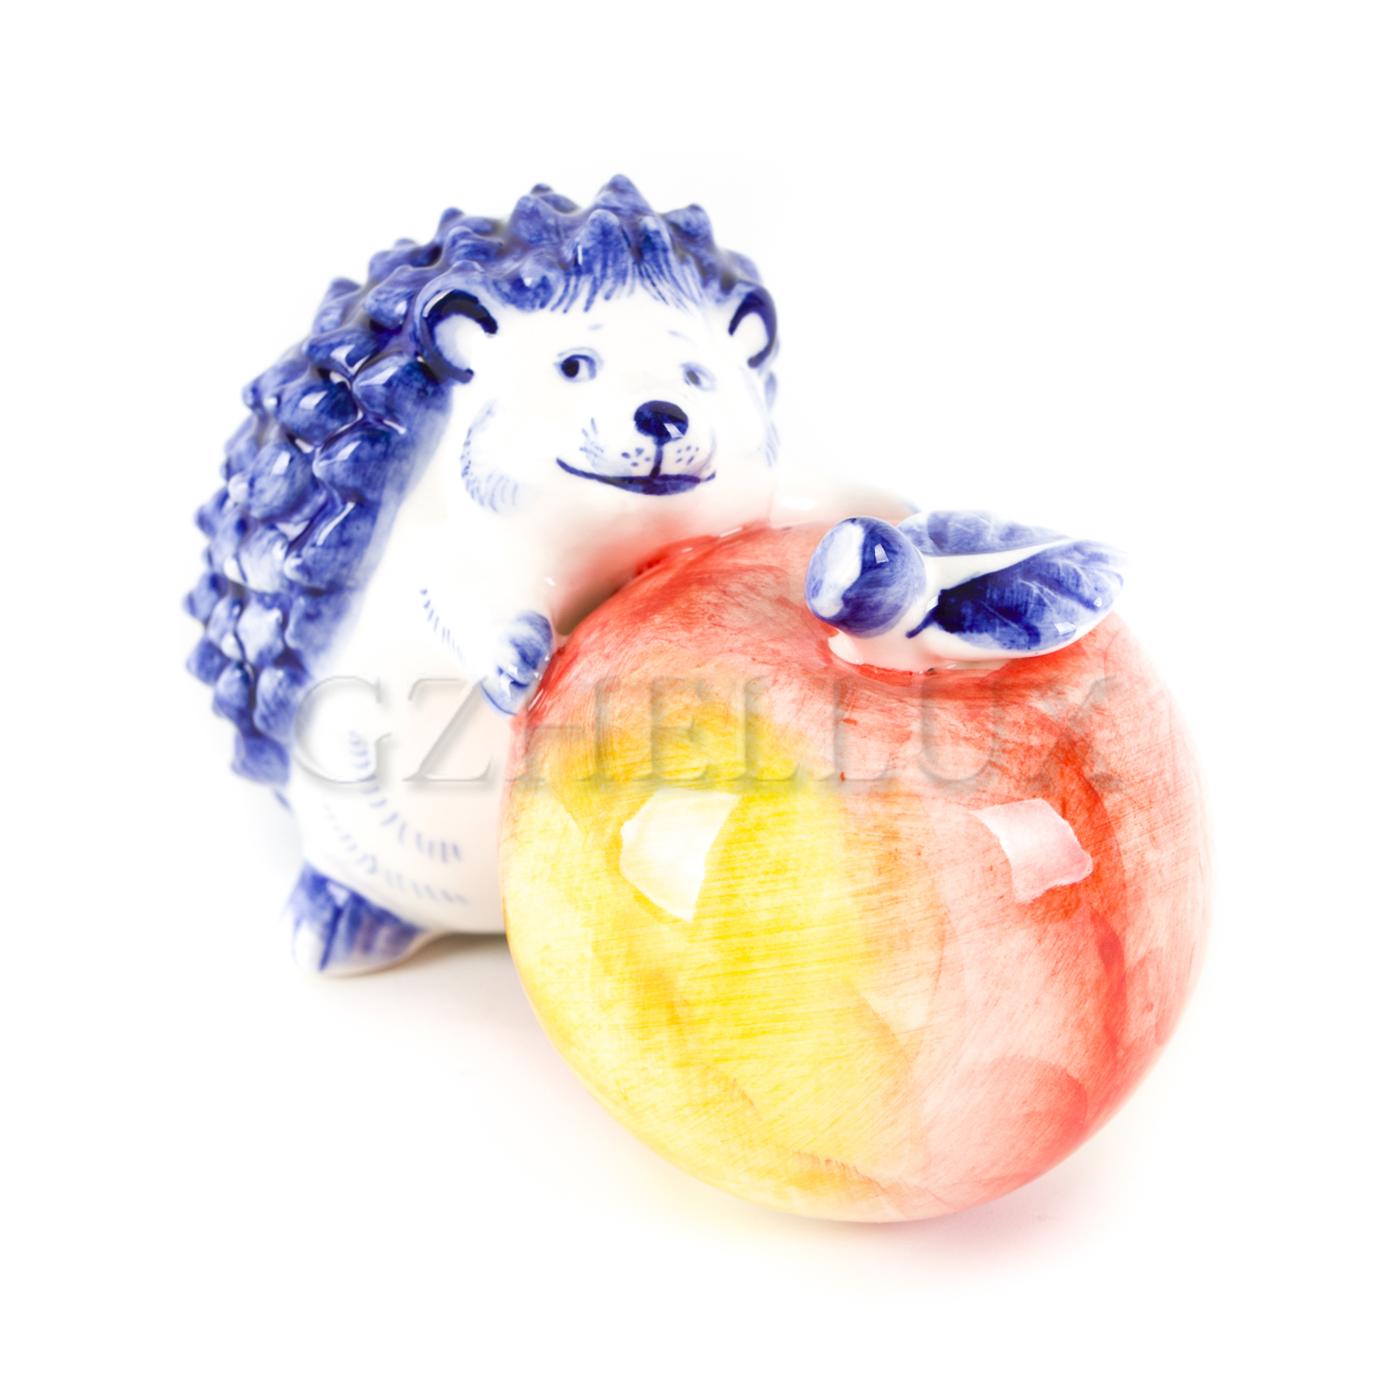 Скульптура «Ёж с яблоком» в красках